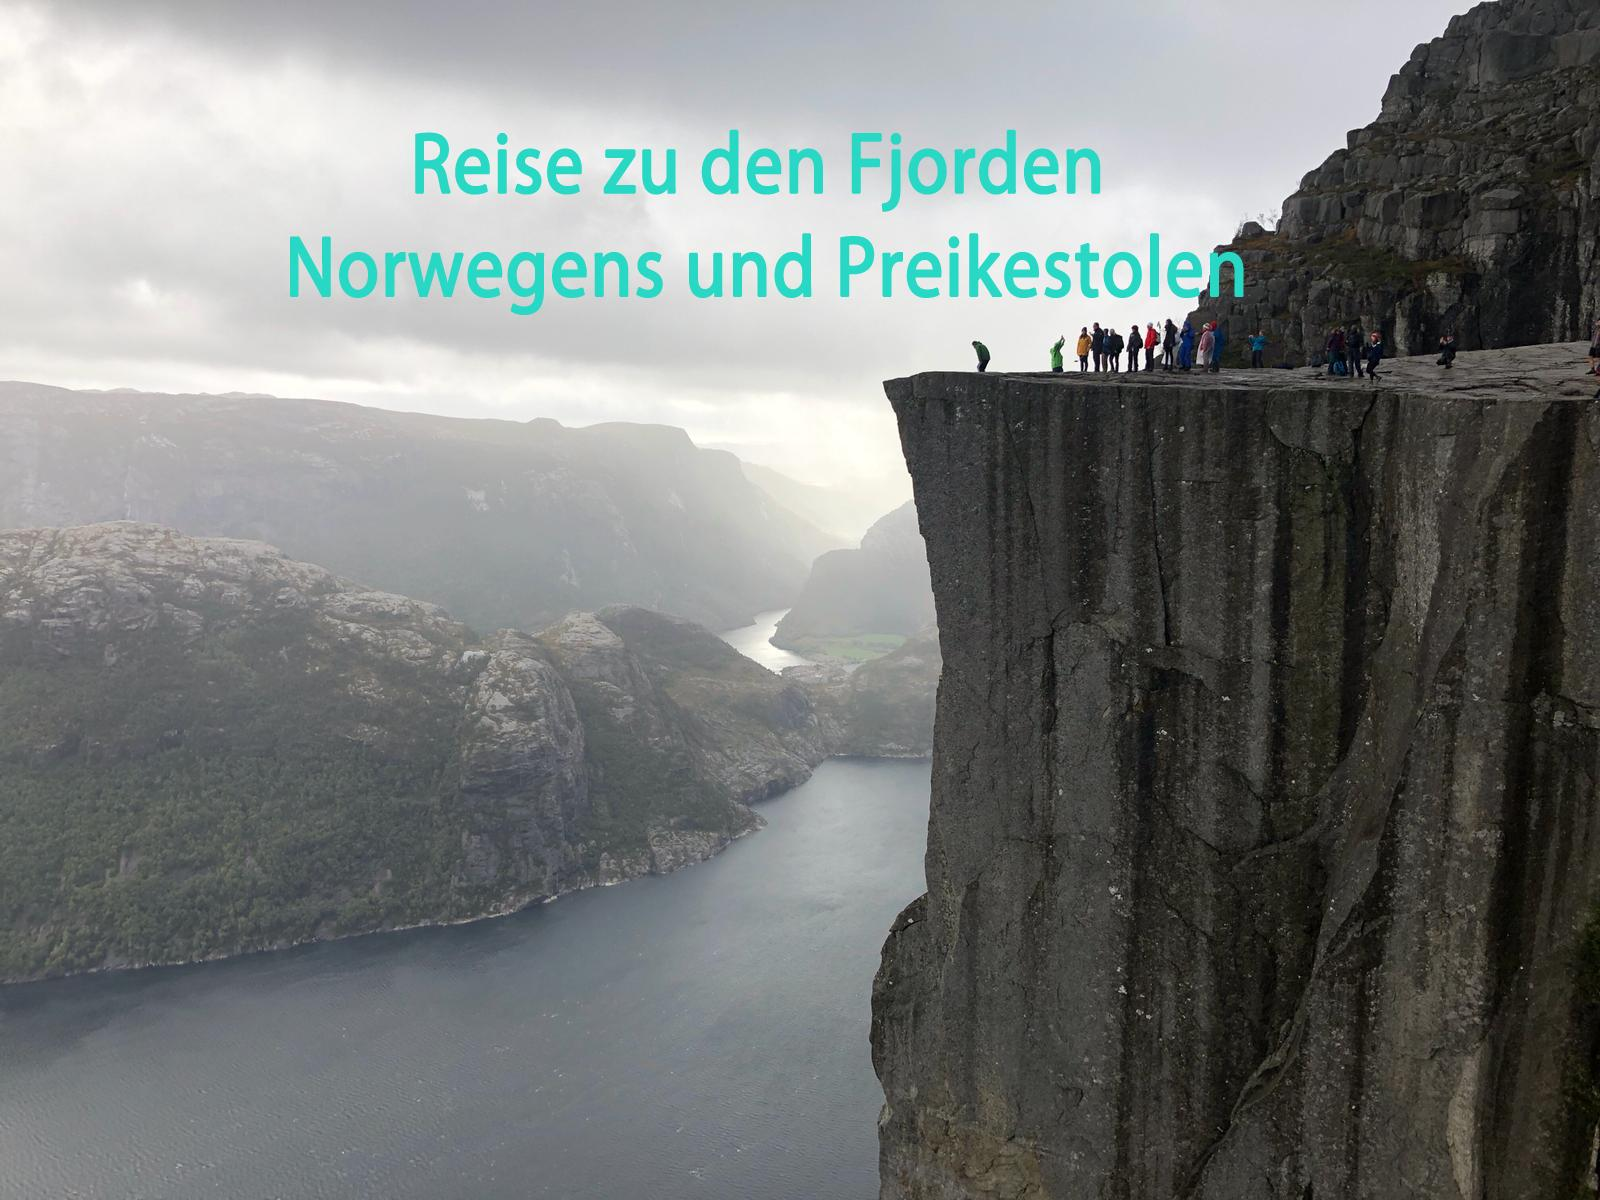 Reise zu den Fjorden Norwegens und Preikestolen